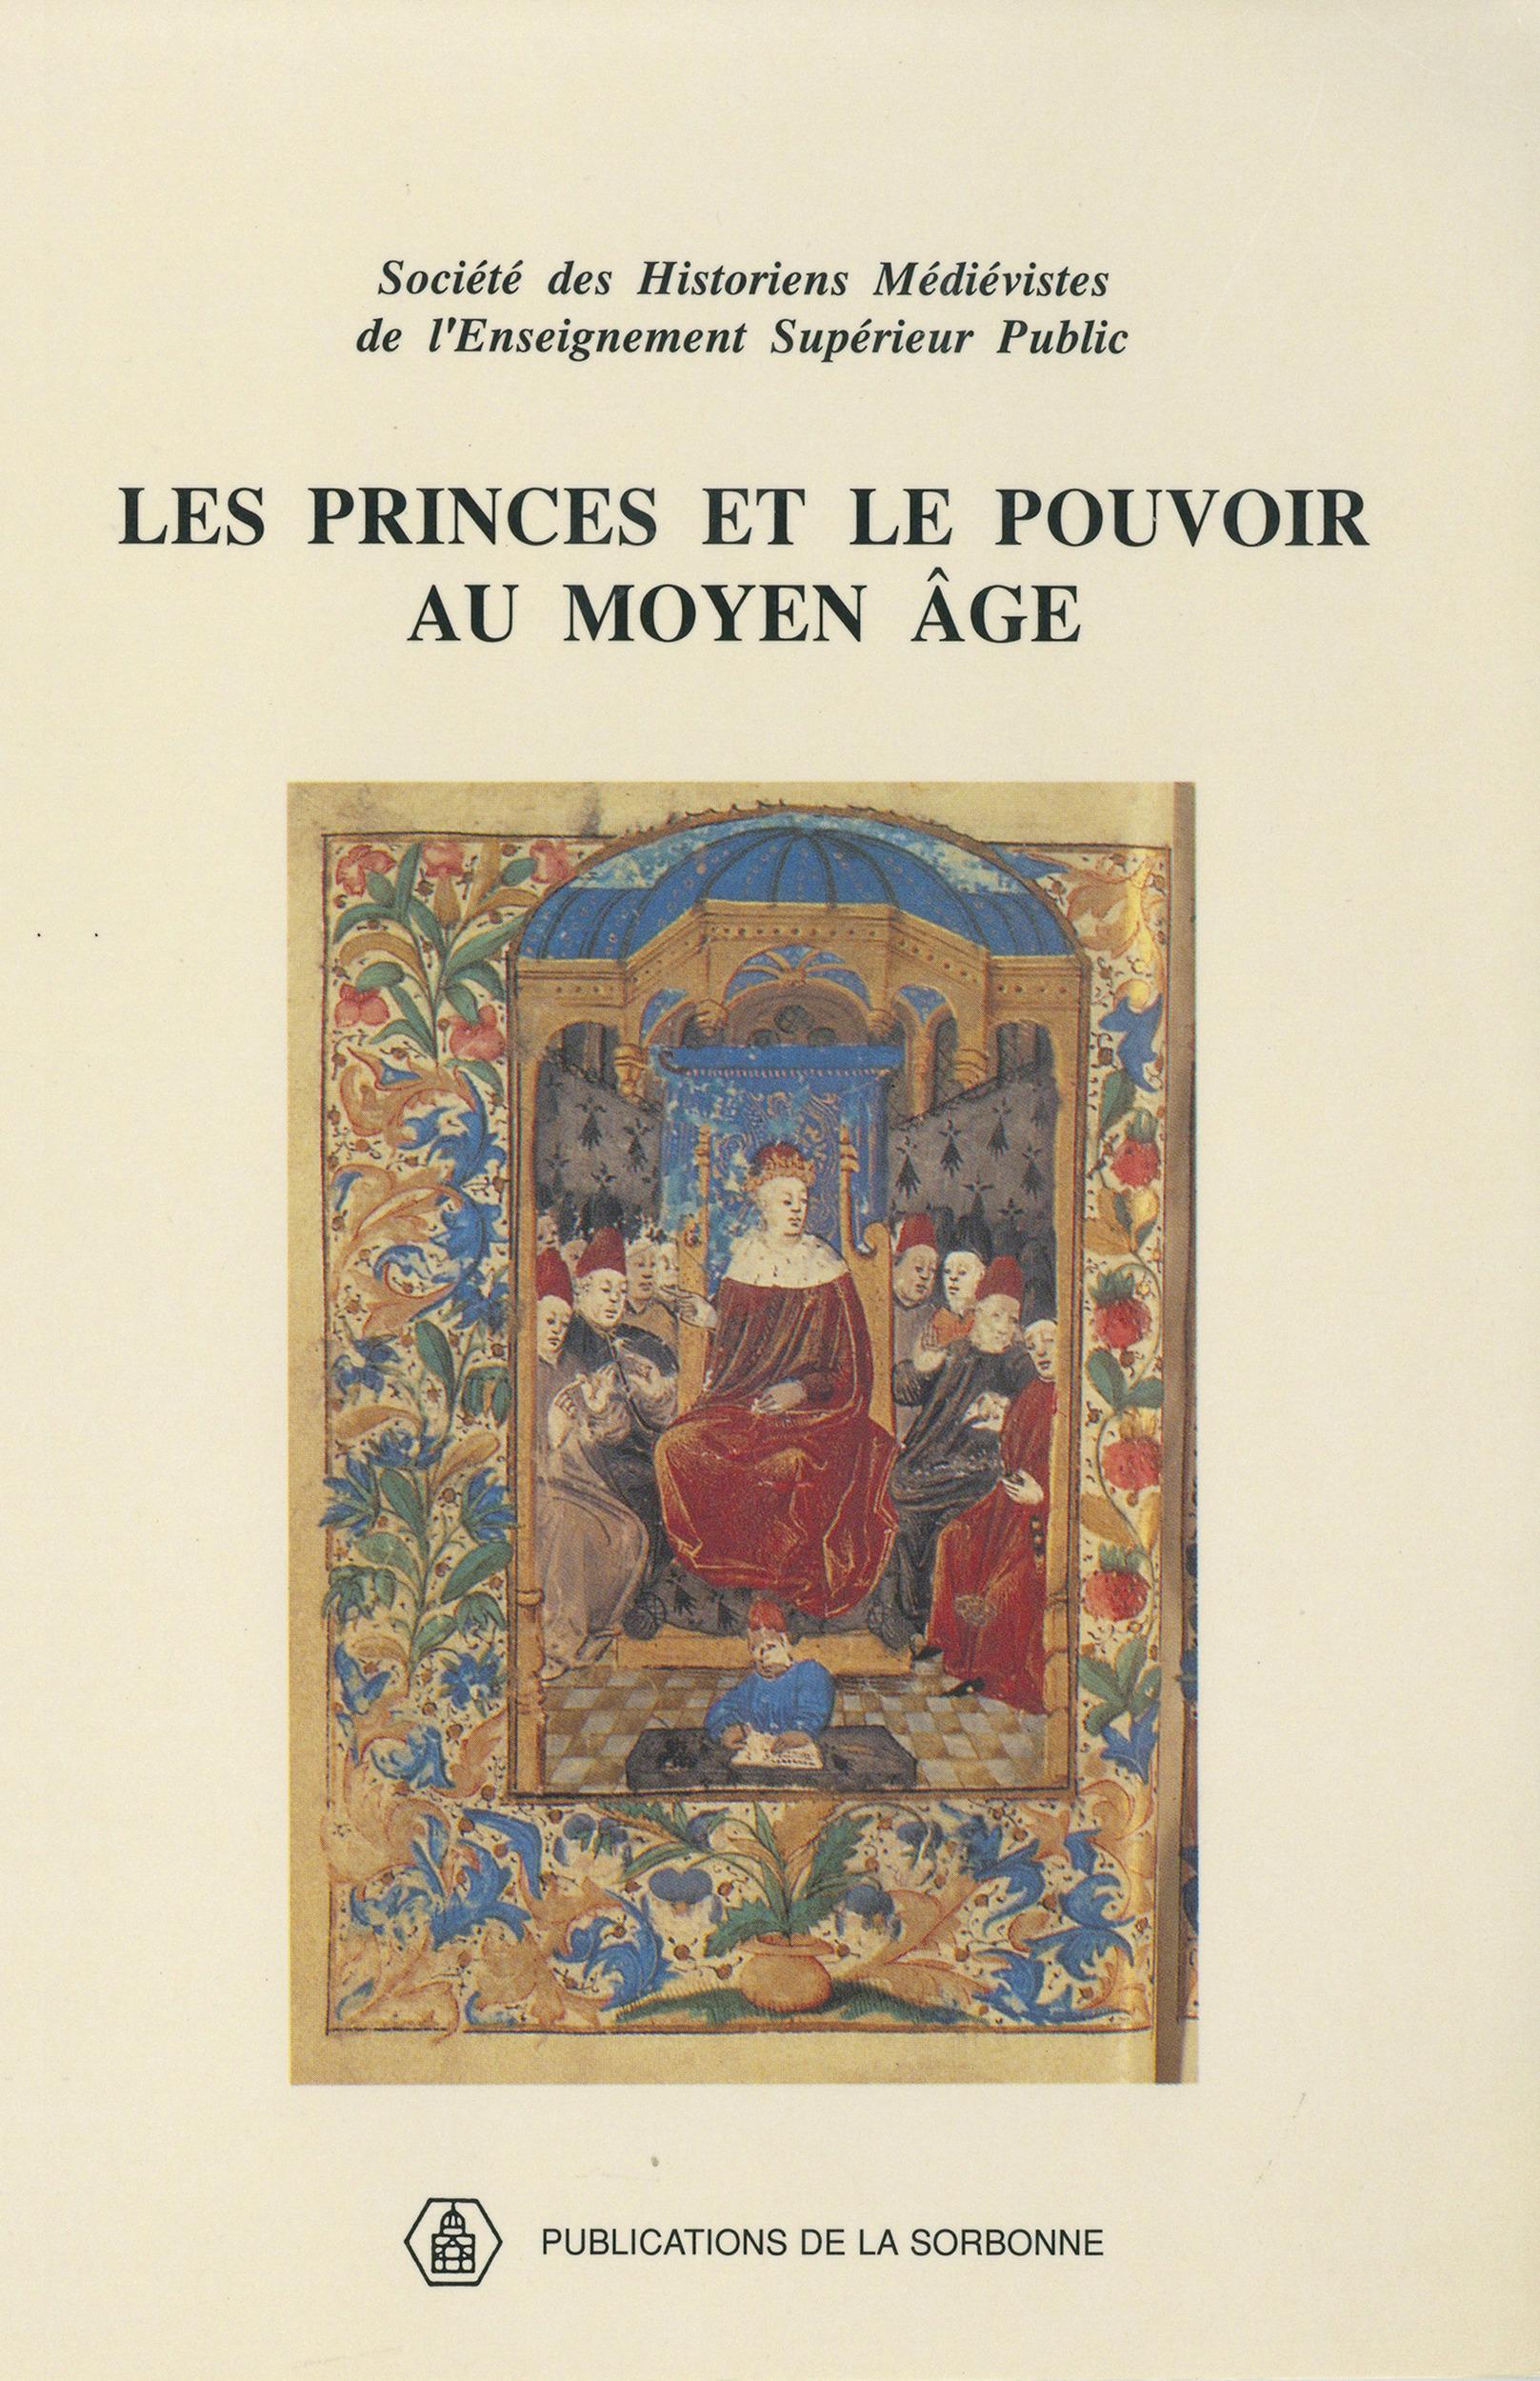 Les princes et le pouvoir au moyen age